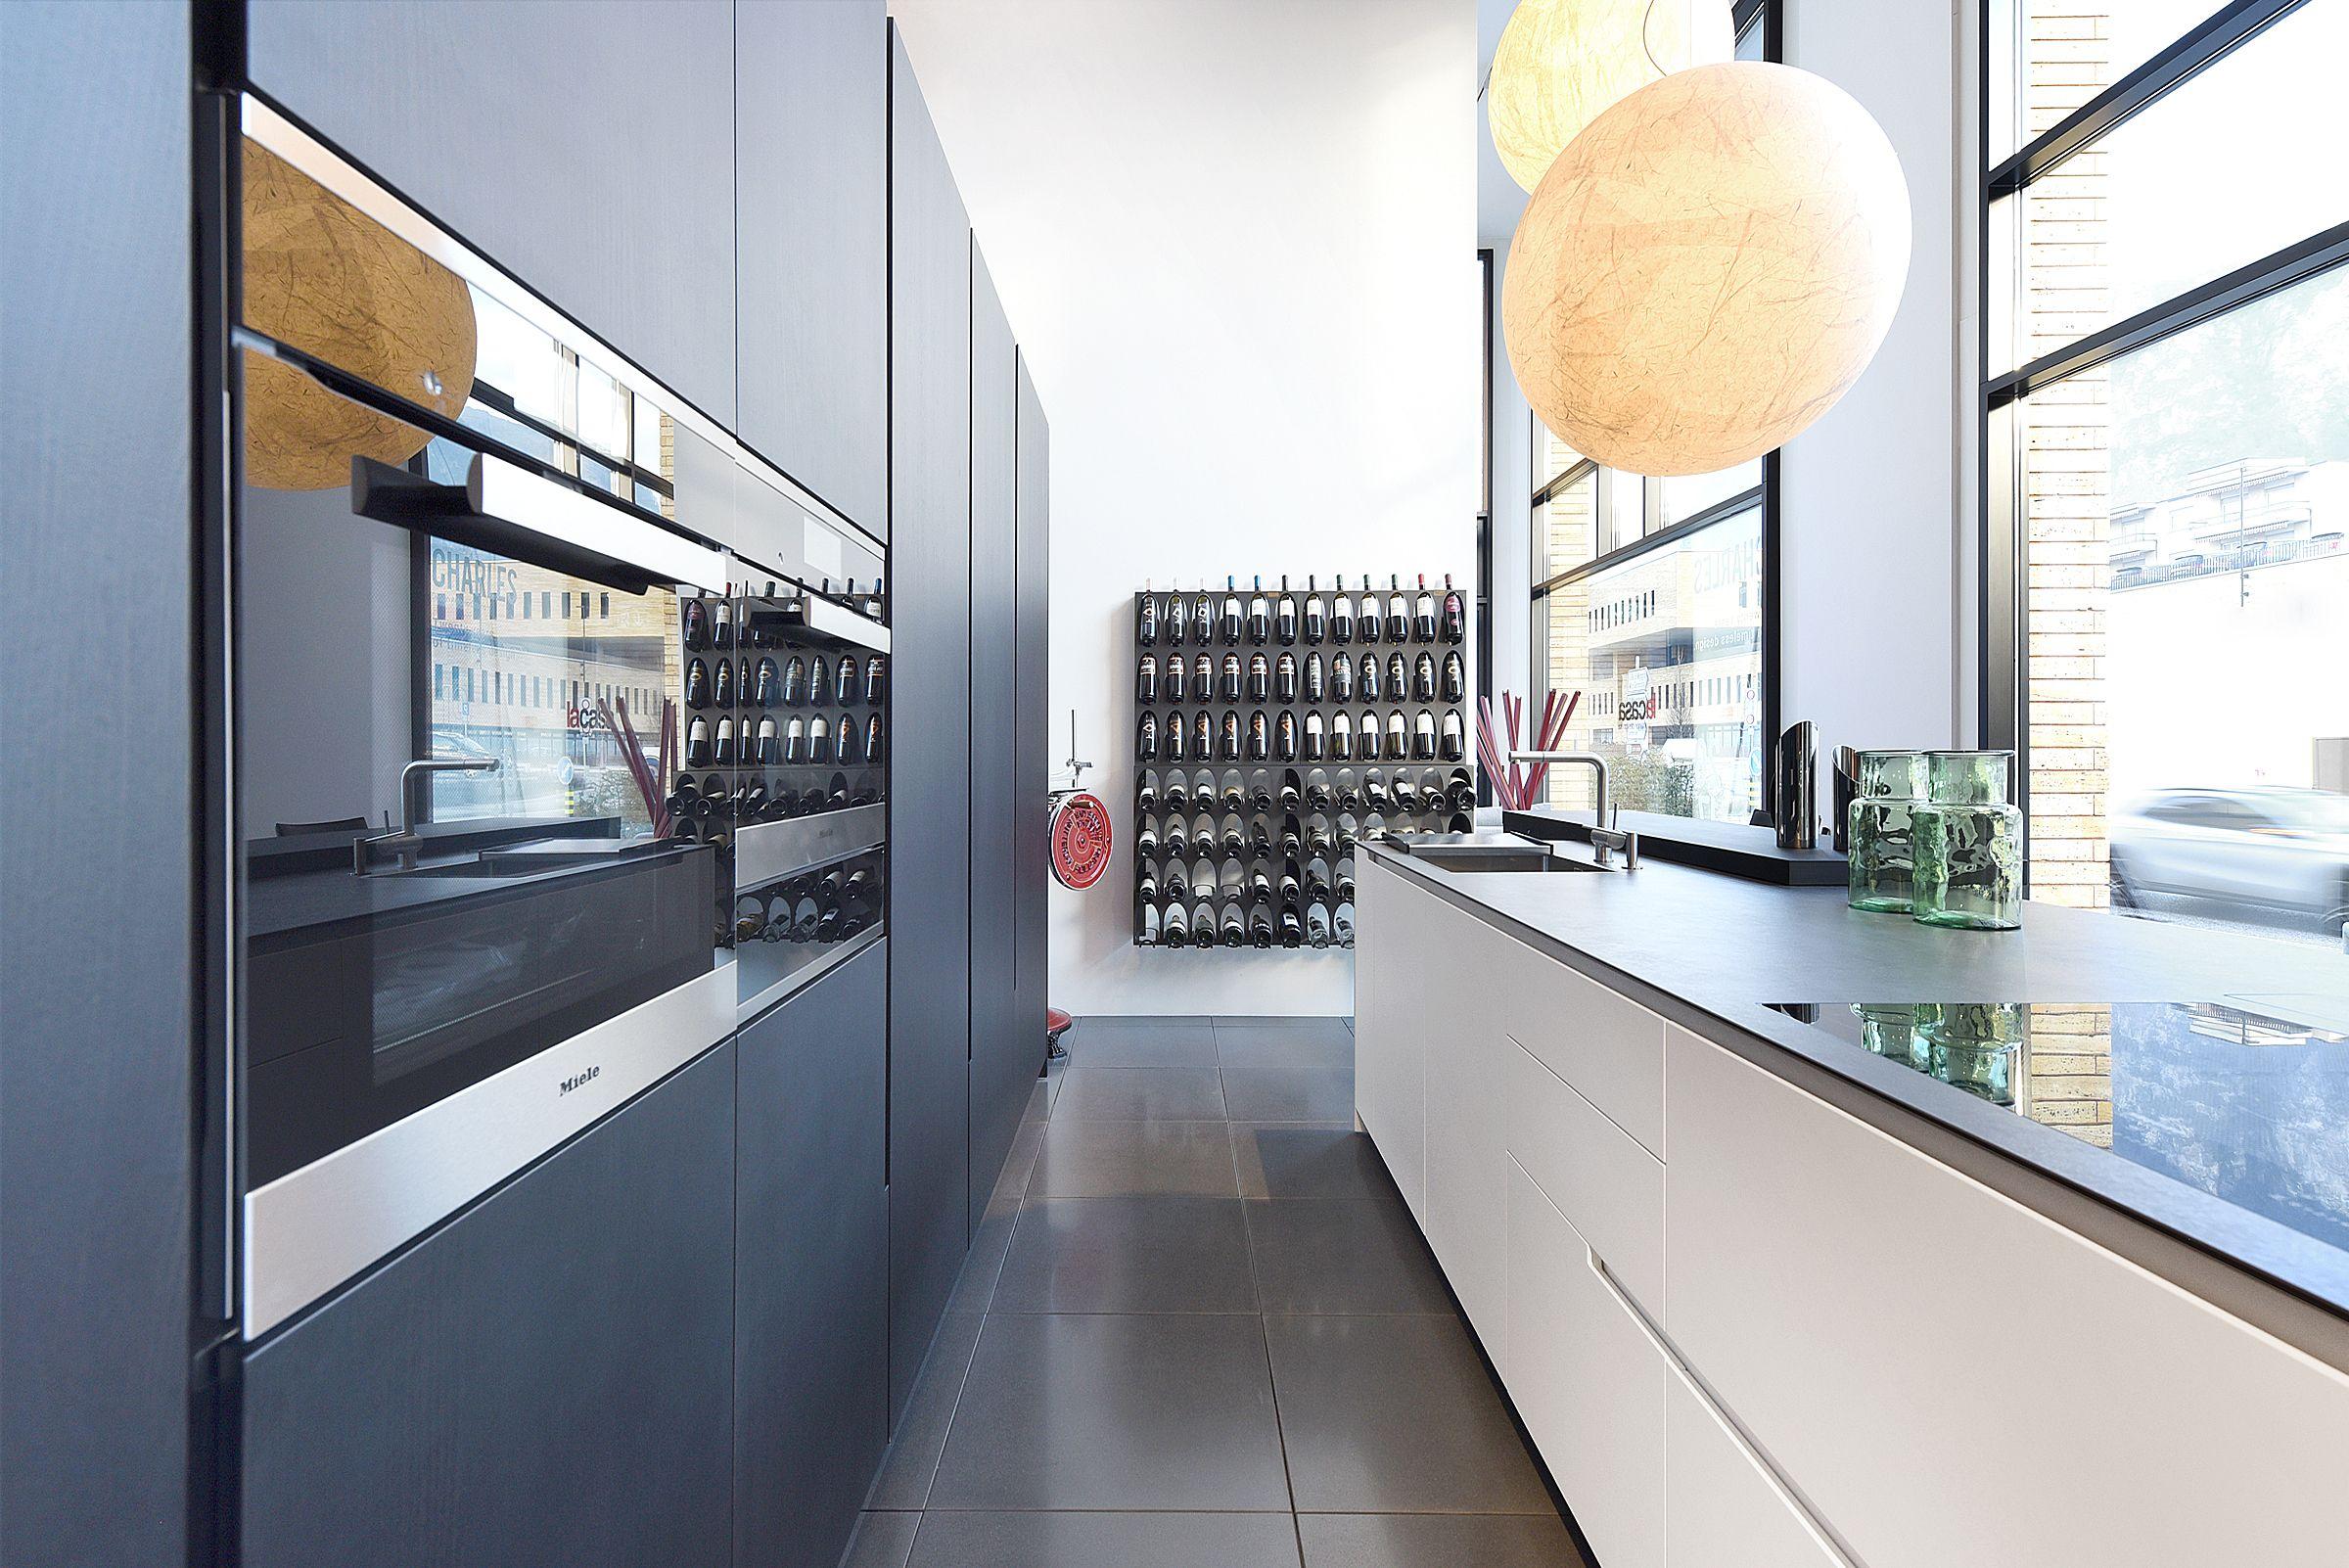 Cucine Varenna Poliform, cucine design, cucine su misura, Küchen ...